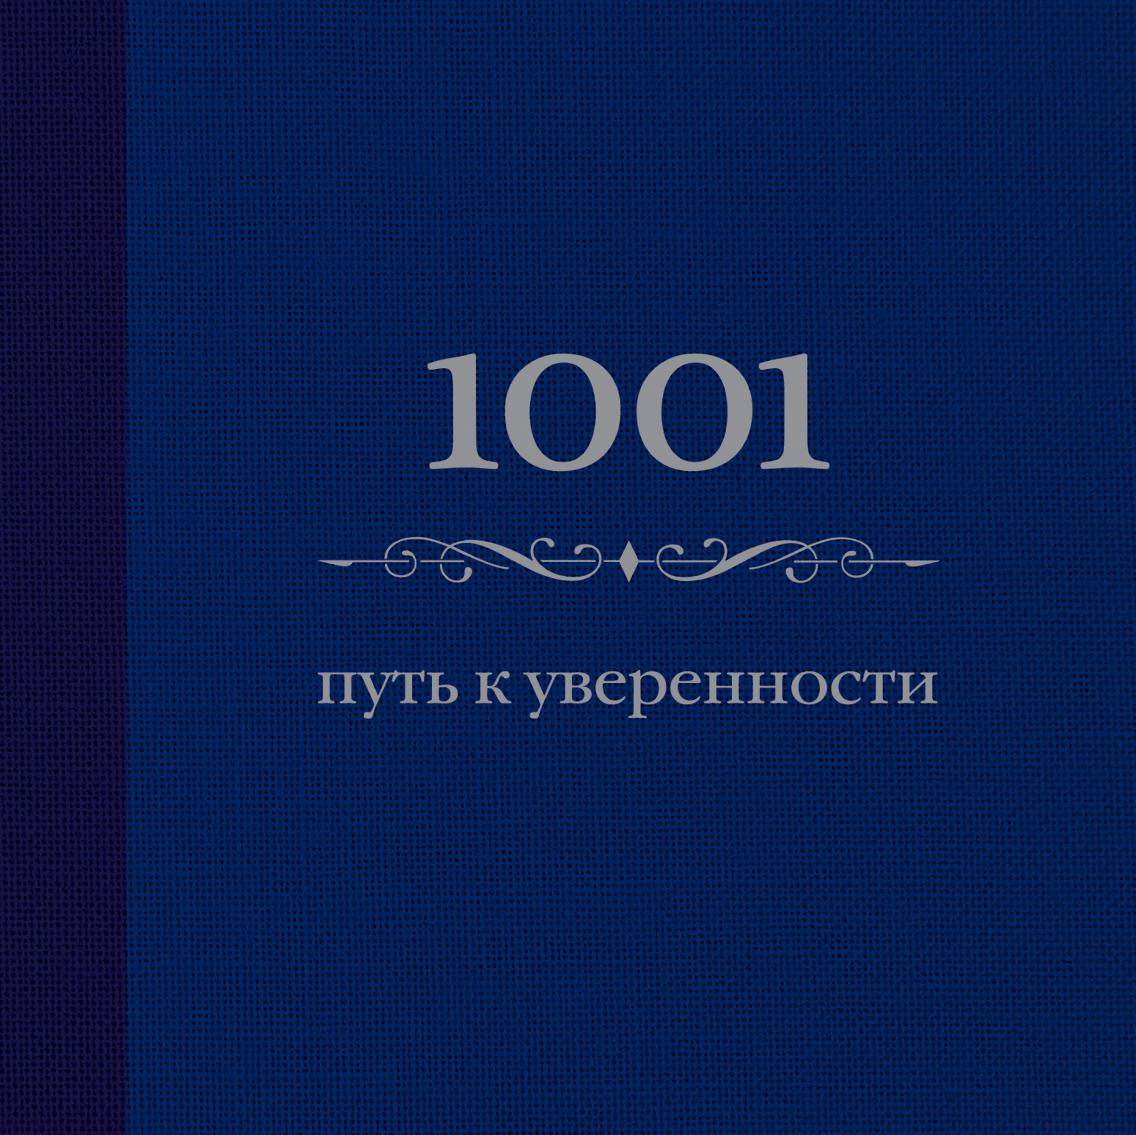 1001 путь к уверенности